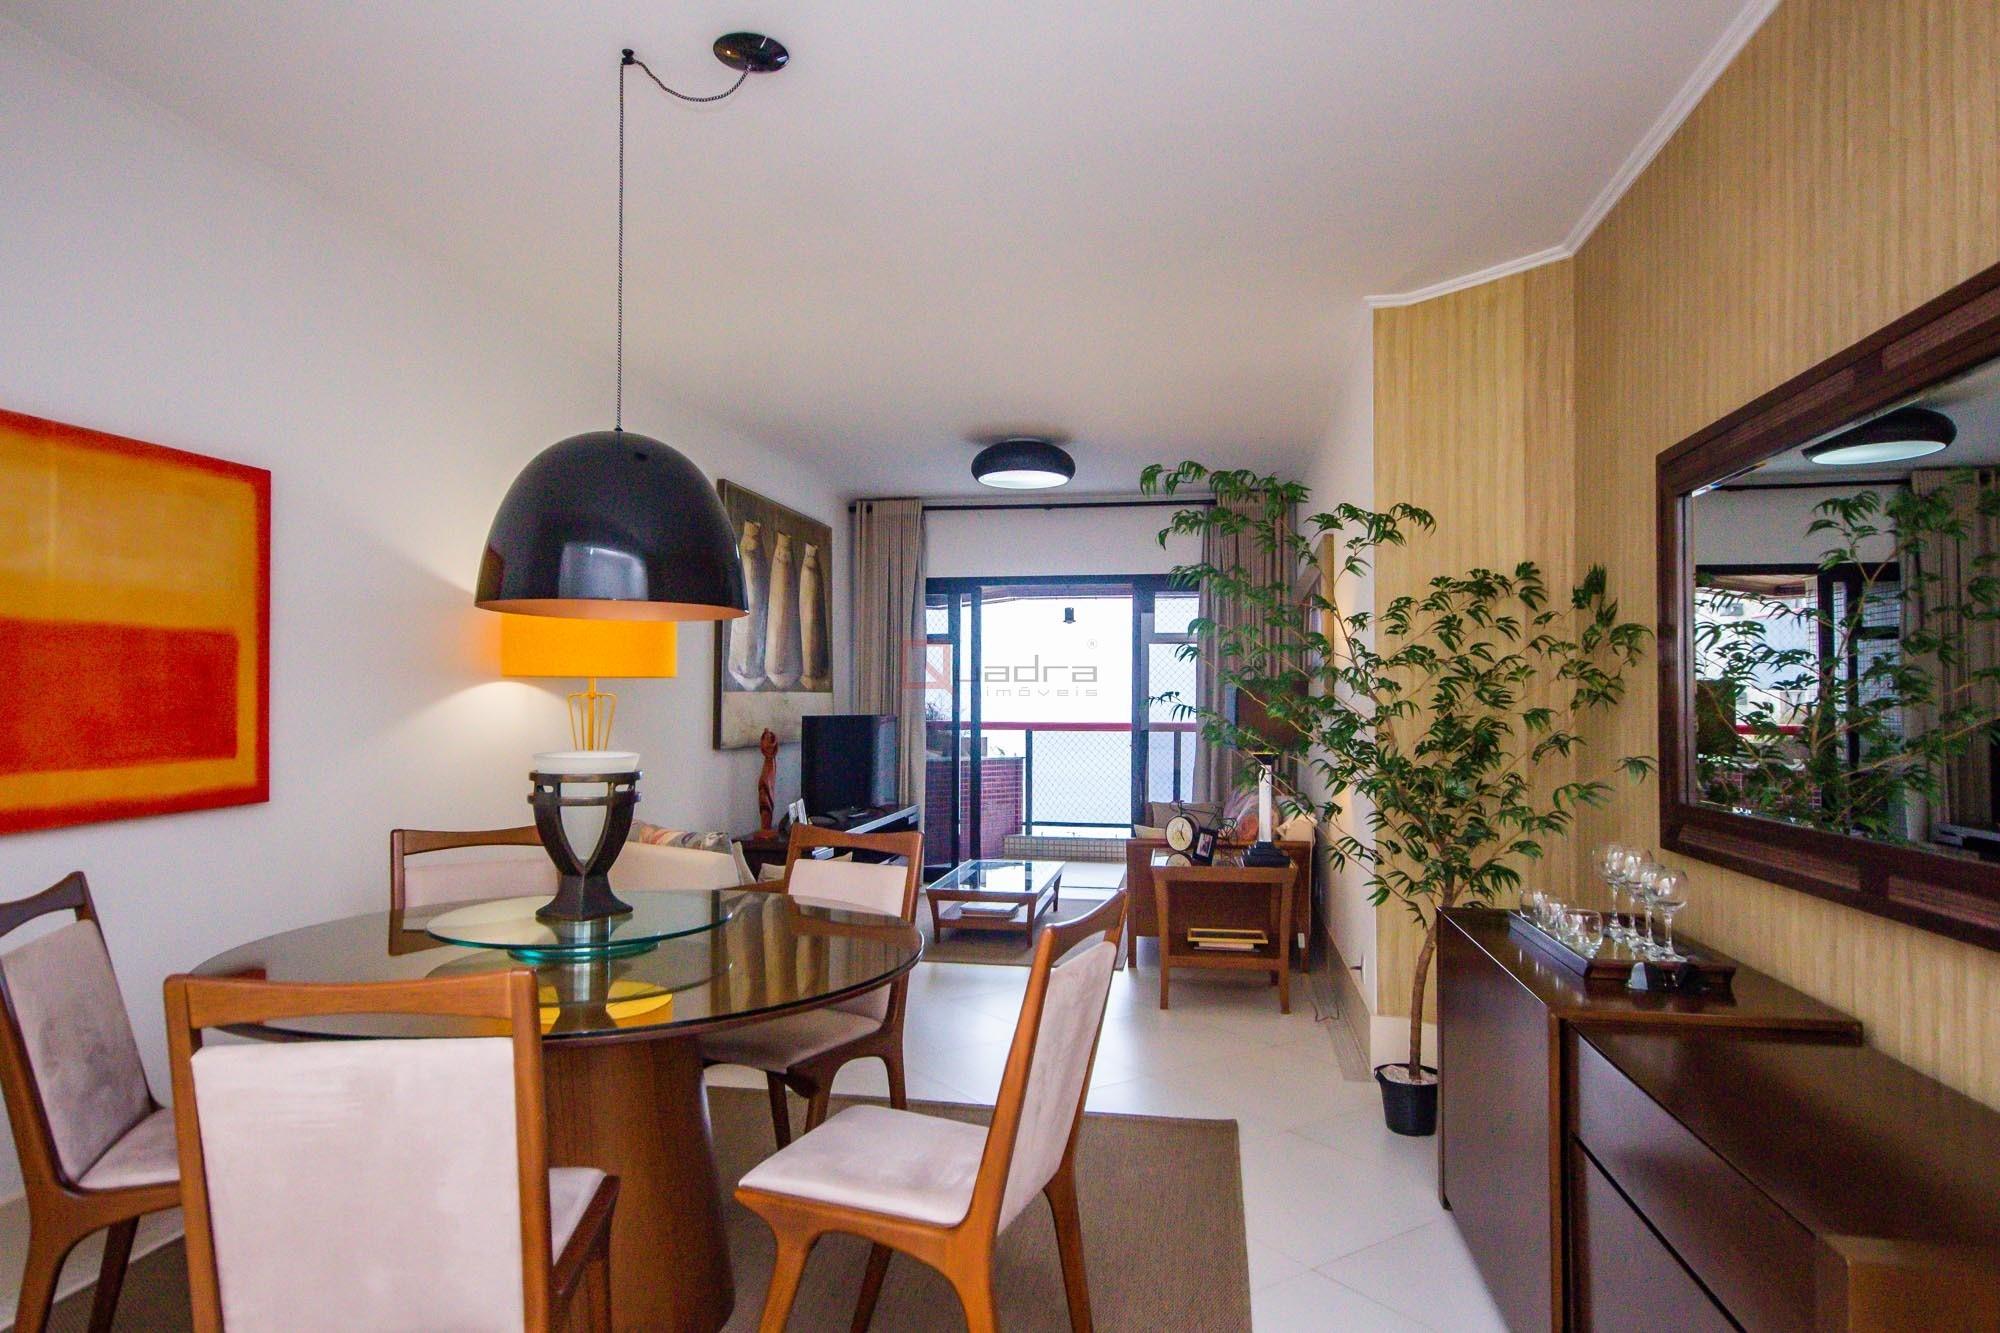 Apartamento com 3 dormitórios (1 suíte) à venda em Caraguatatuba, no bairro Martim De Sá